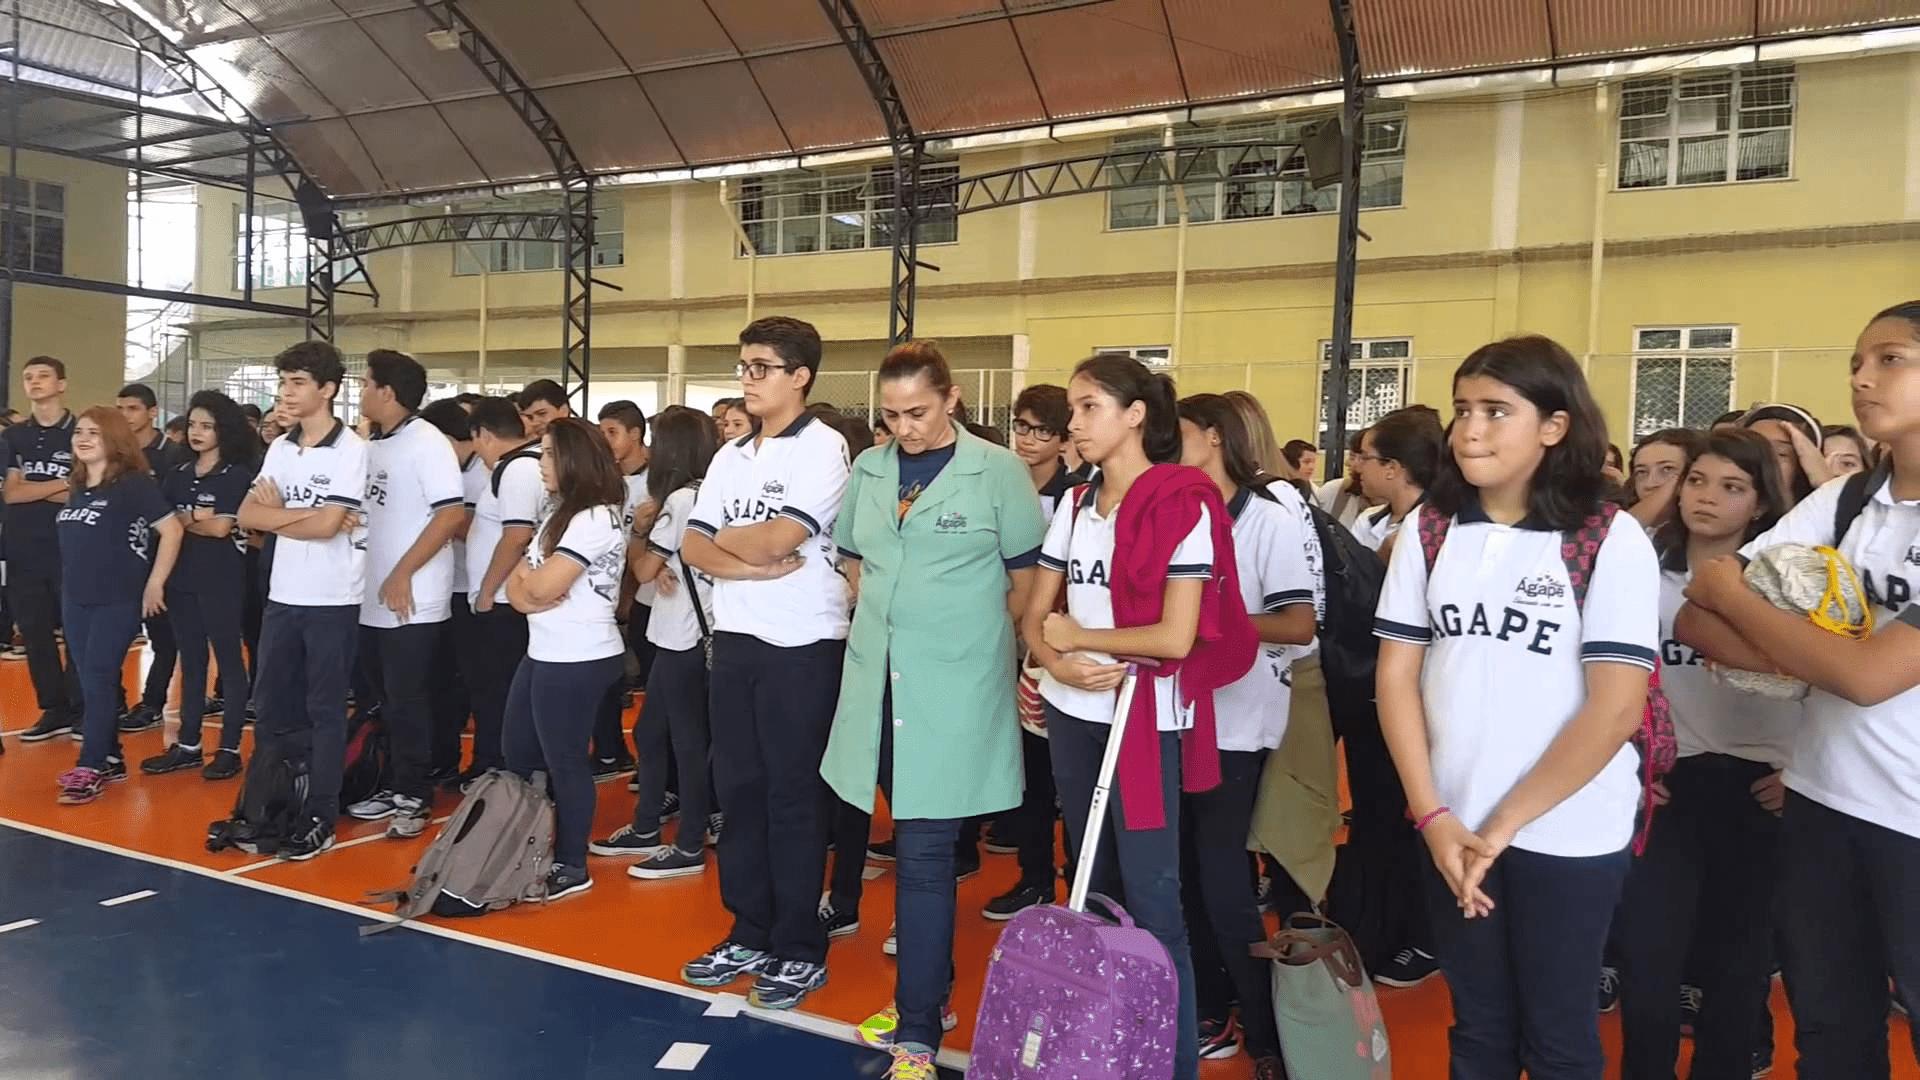 Escola AGAPE COLEGIO - em CIDADE KEMEL, SAO PAULO, SP